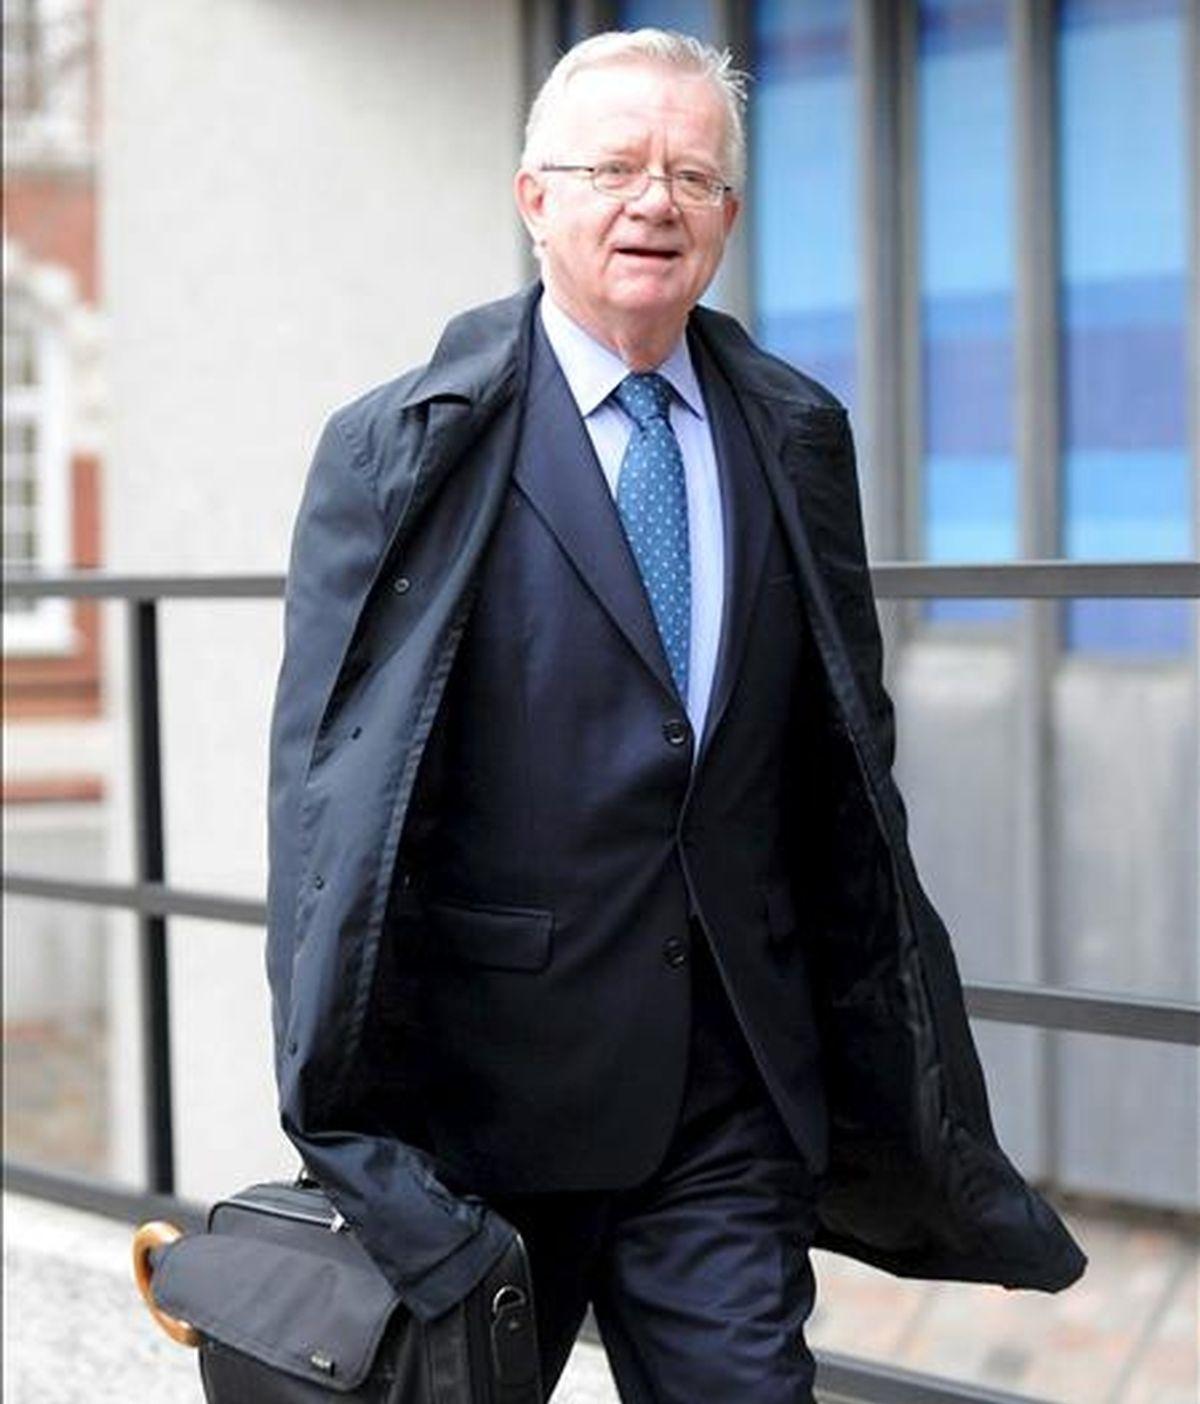 El encargado por el Gobierno británico para dirigir la investigación pública sobre las circunstancias de la guerra de Irak, Sir John Chilcot, llega a la apertura de la comisión en Londres, Reino Unido, el 24 de noviembre de 2009. Chilcot aseguró que no será un ejercicio destinado a exonerar a eventuales responsables sino que se llegará al fondo.EFE